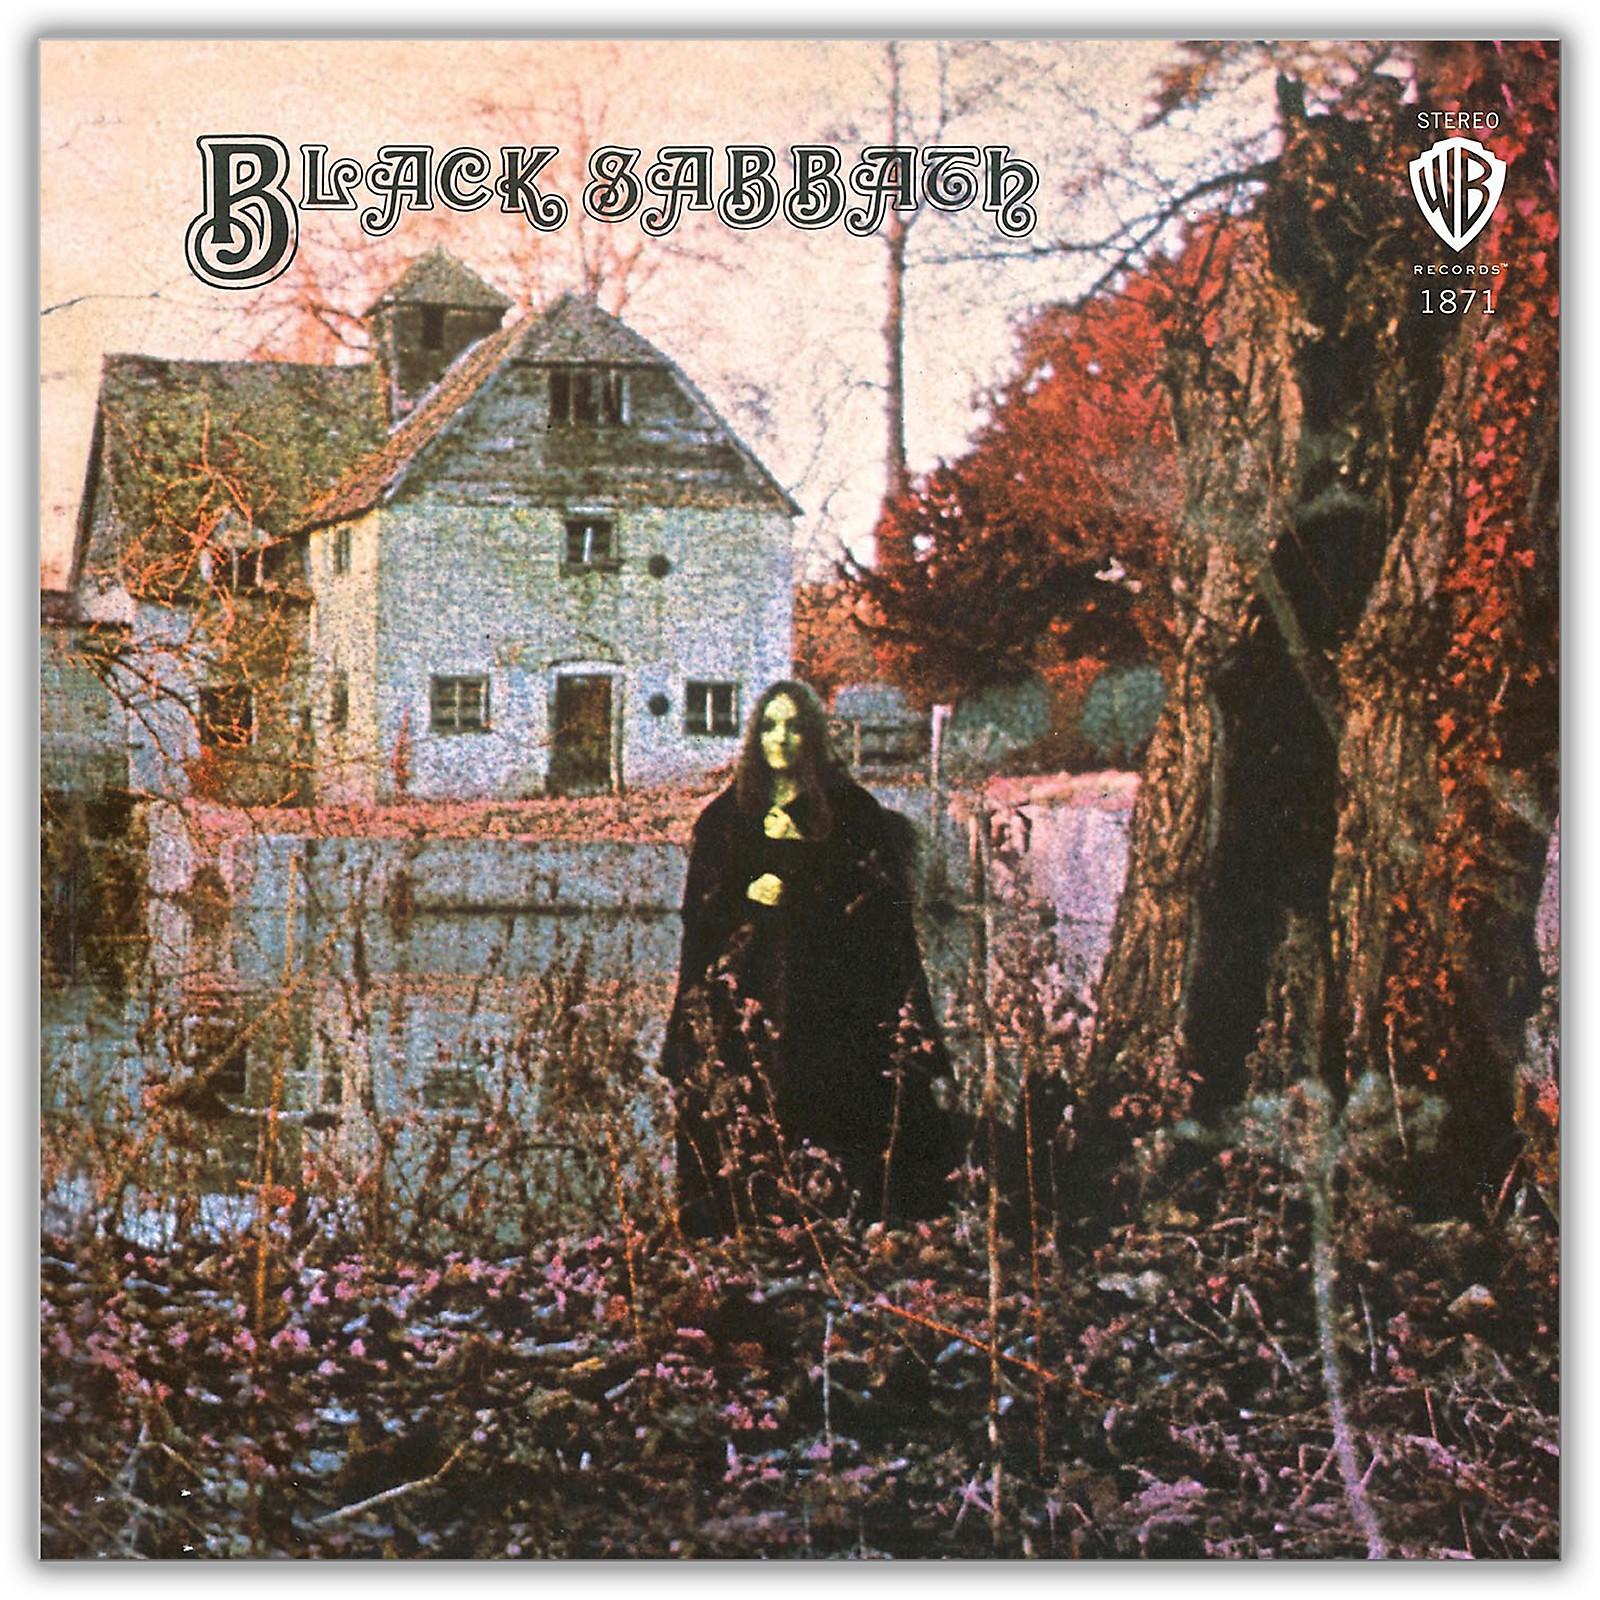 WEA Black Sabbath - <i>Black Sabbath</i> 180 Gram Black Vinyl LP